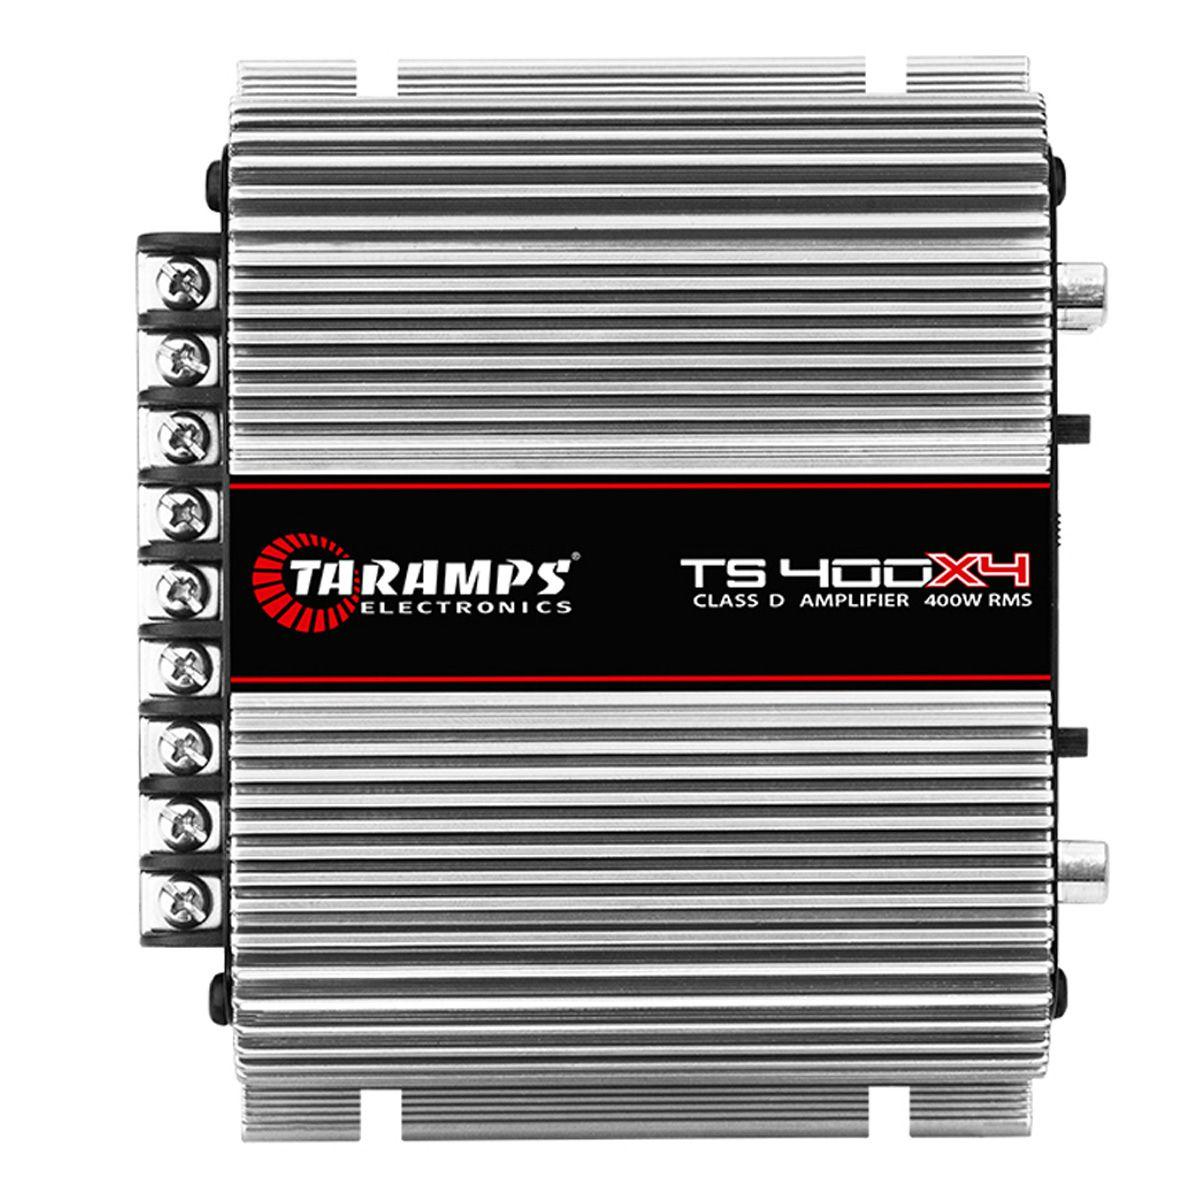 Módulo Amplificador TS 400x4 Taramps 400w Rms 4 Canais 100w Rms